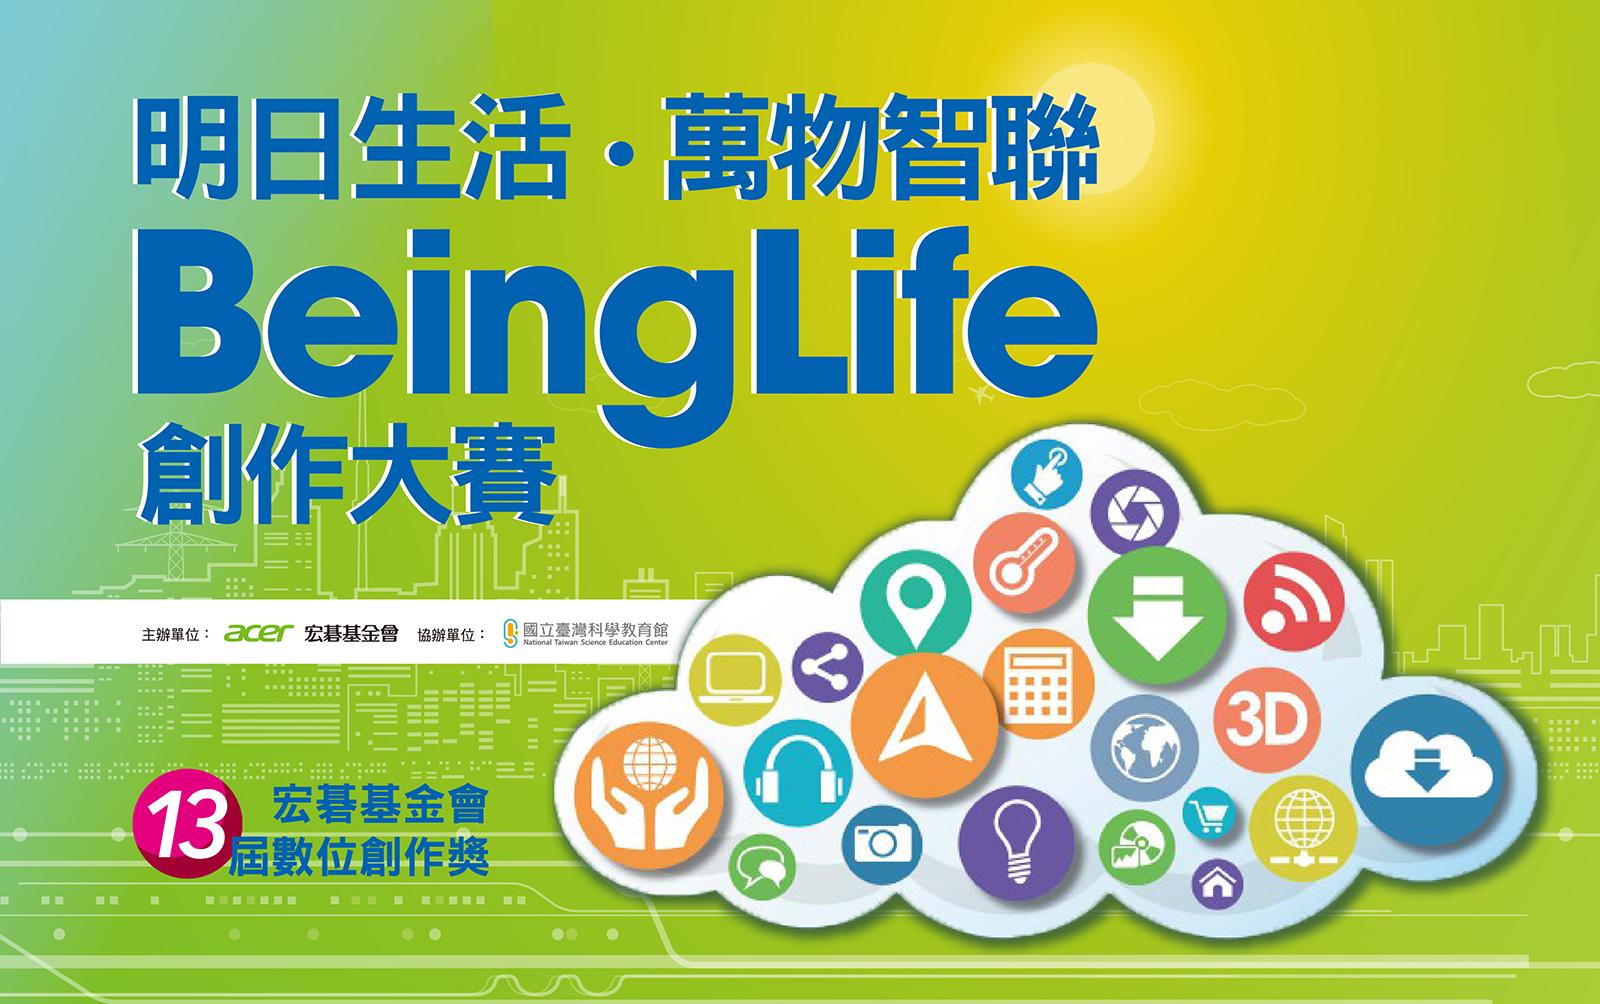 宏碁 - 明日生活 ‧ 萬物智聯 Begin Life創作大賽